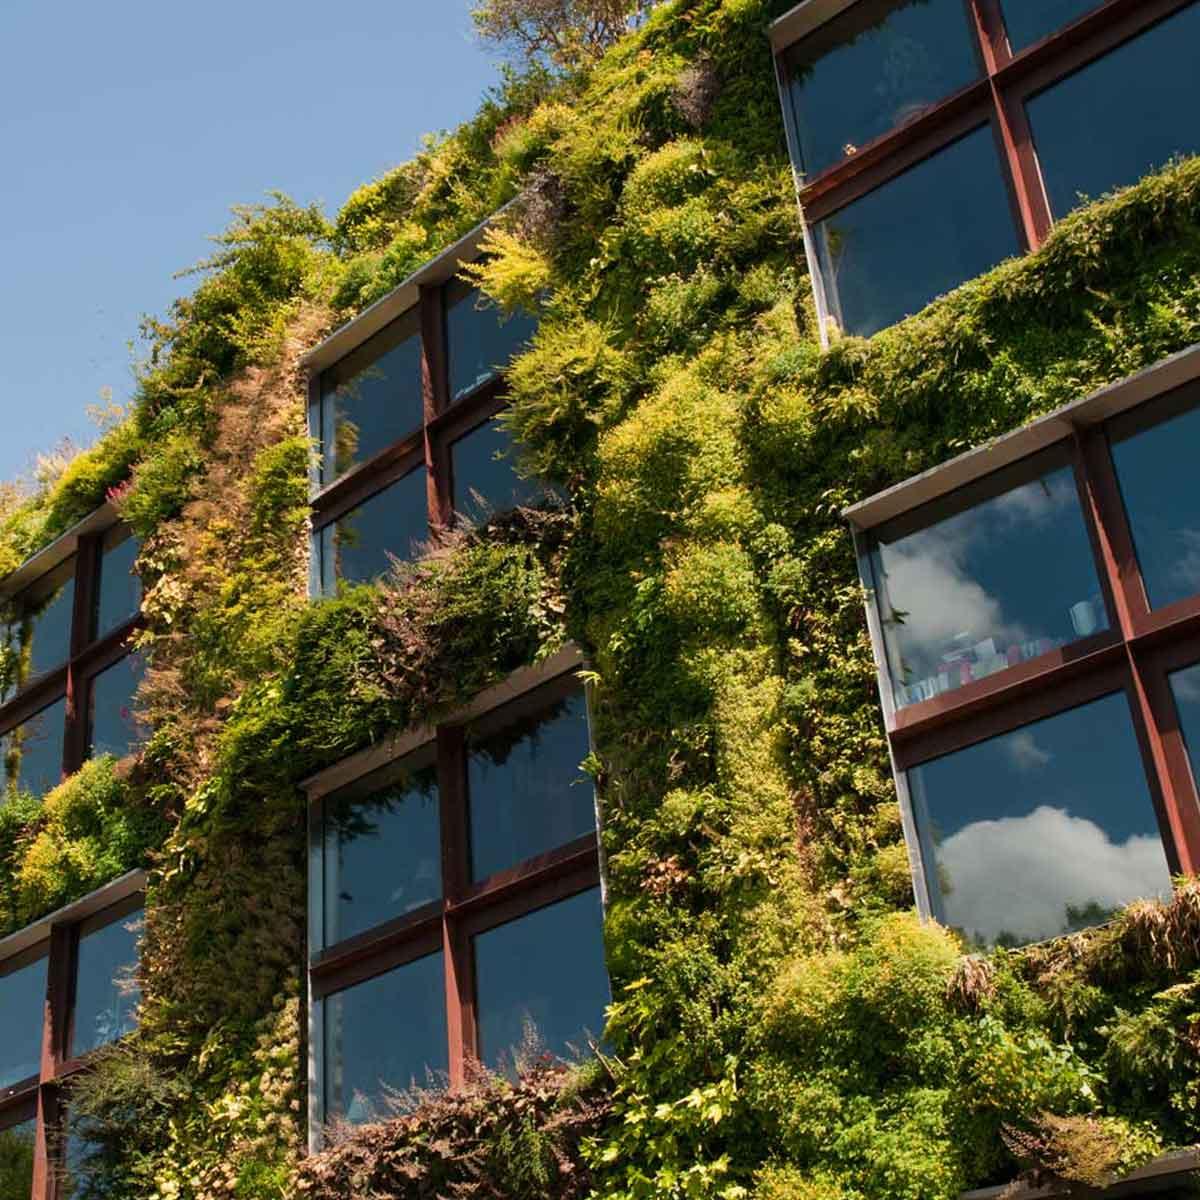 Terrazzi e balconi più verdi: lotta al riscaldamento globale